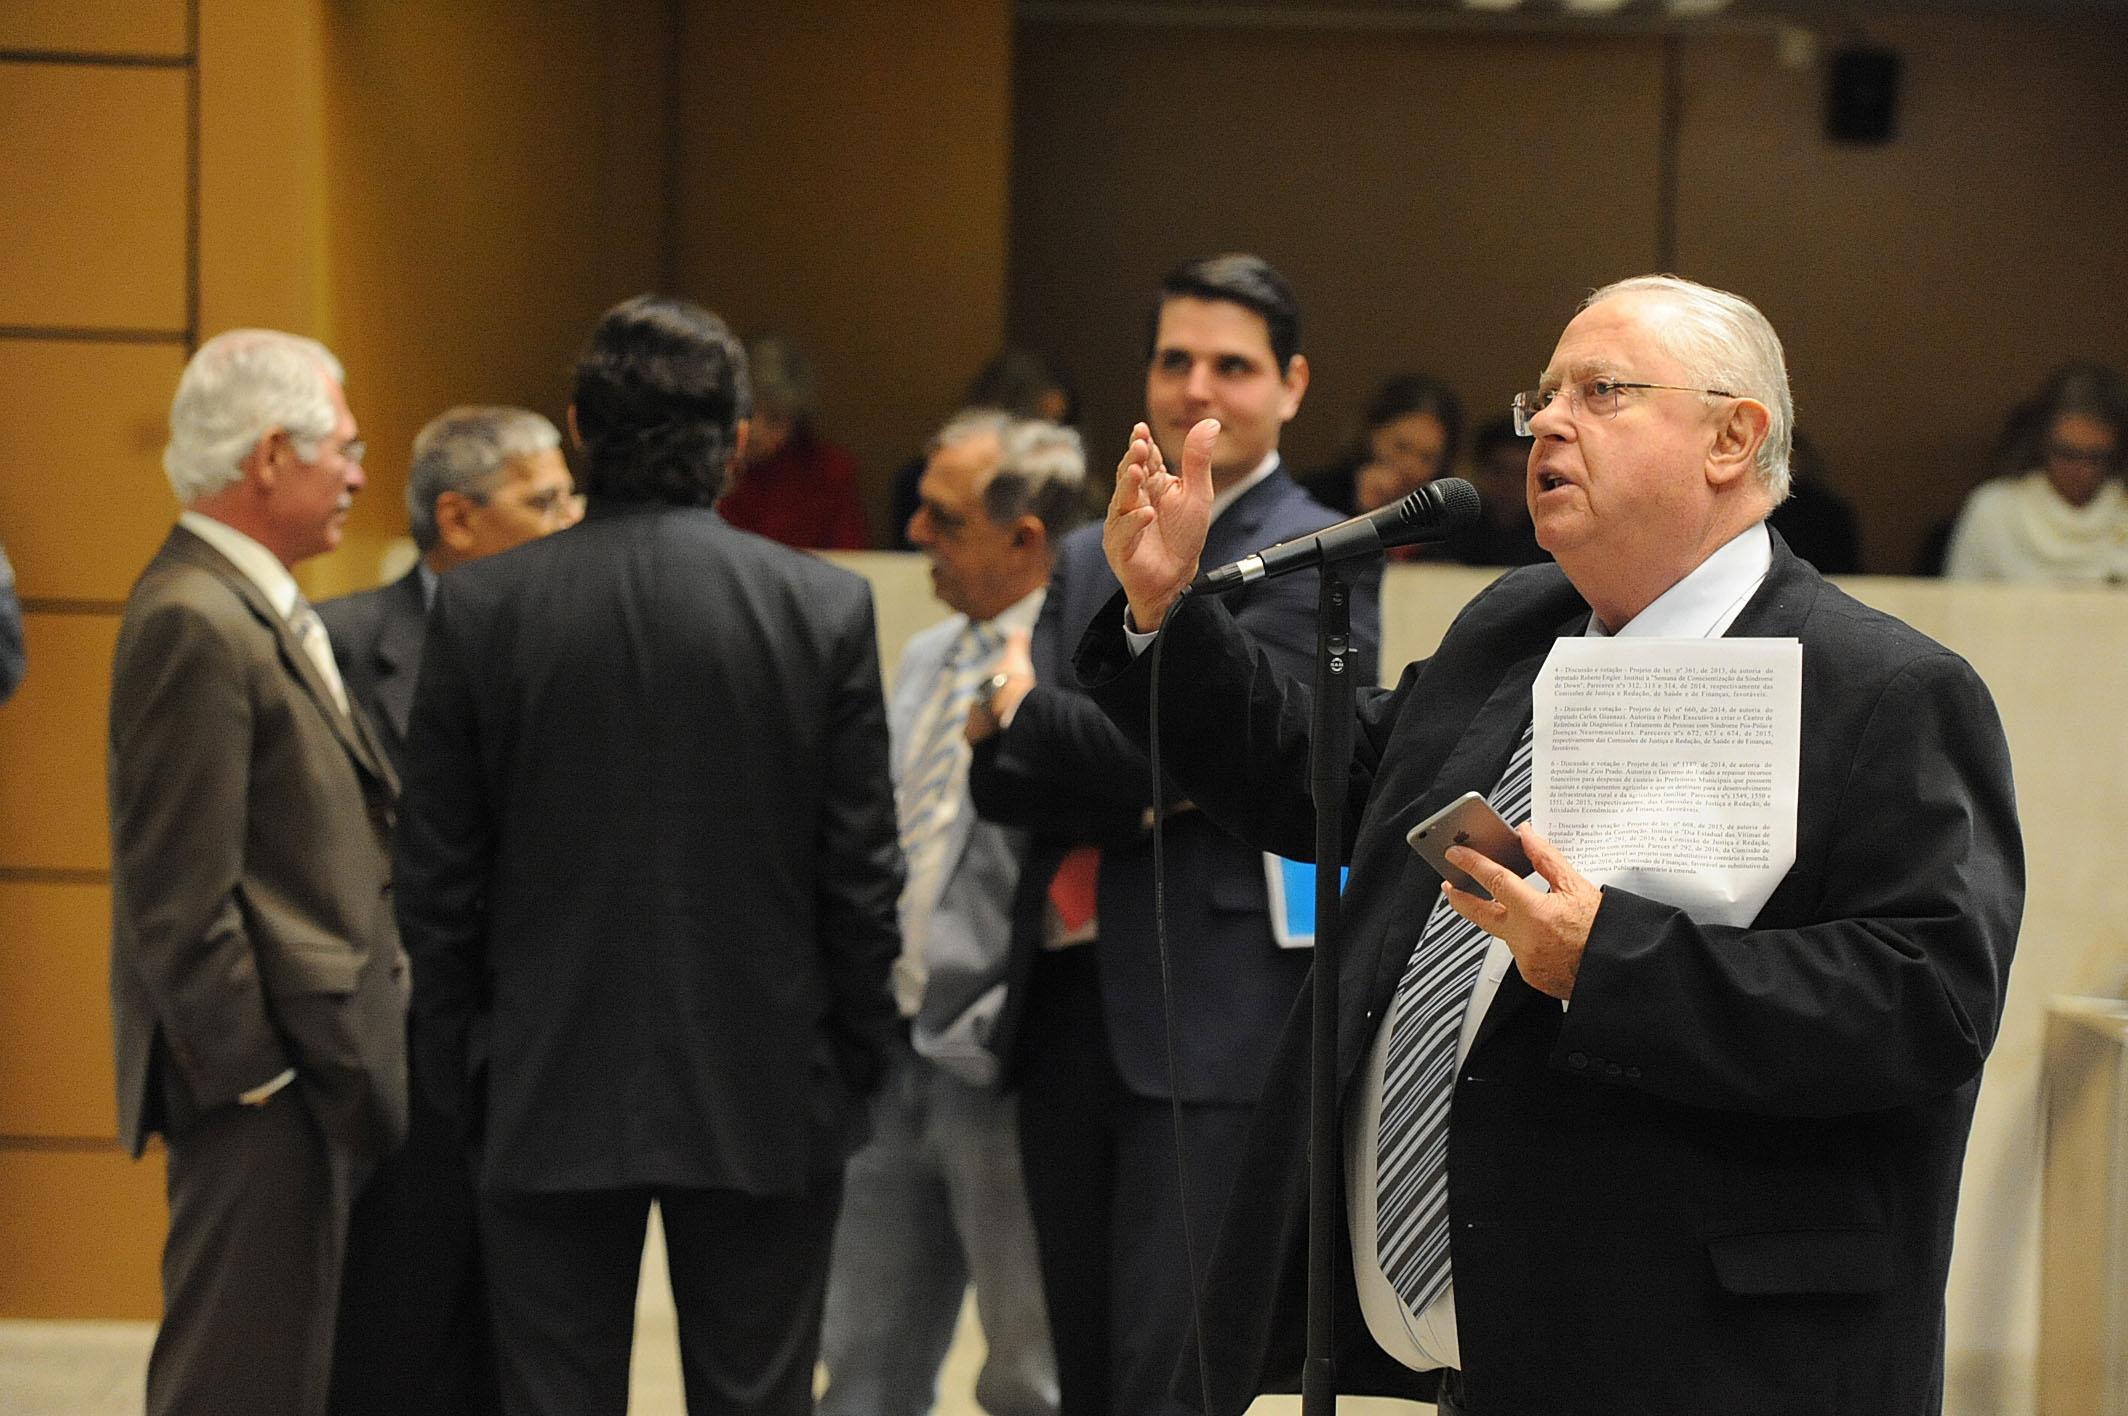 Barros Munhoz fala durante processo de votação <a style='float:right' href='https://www3.al.sp.gov.br/repositorio/noticia/N-06-2016/fg191734.jpg' target=_blank><img src='/_img/material-file-download-white.png' width='14px' alt='Clique para baixar a imagem'></a>